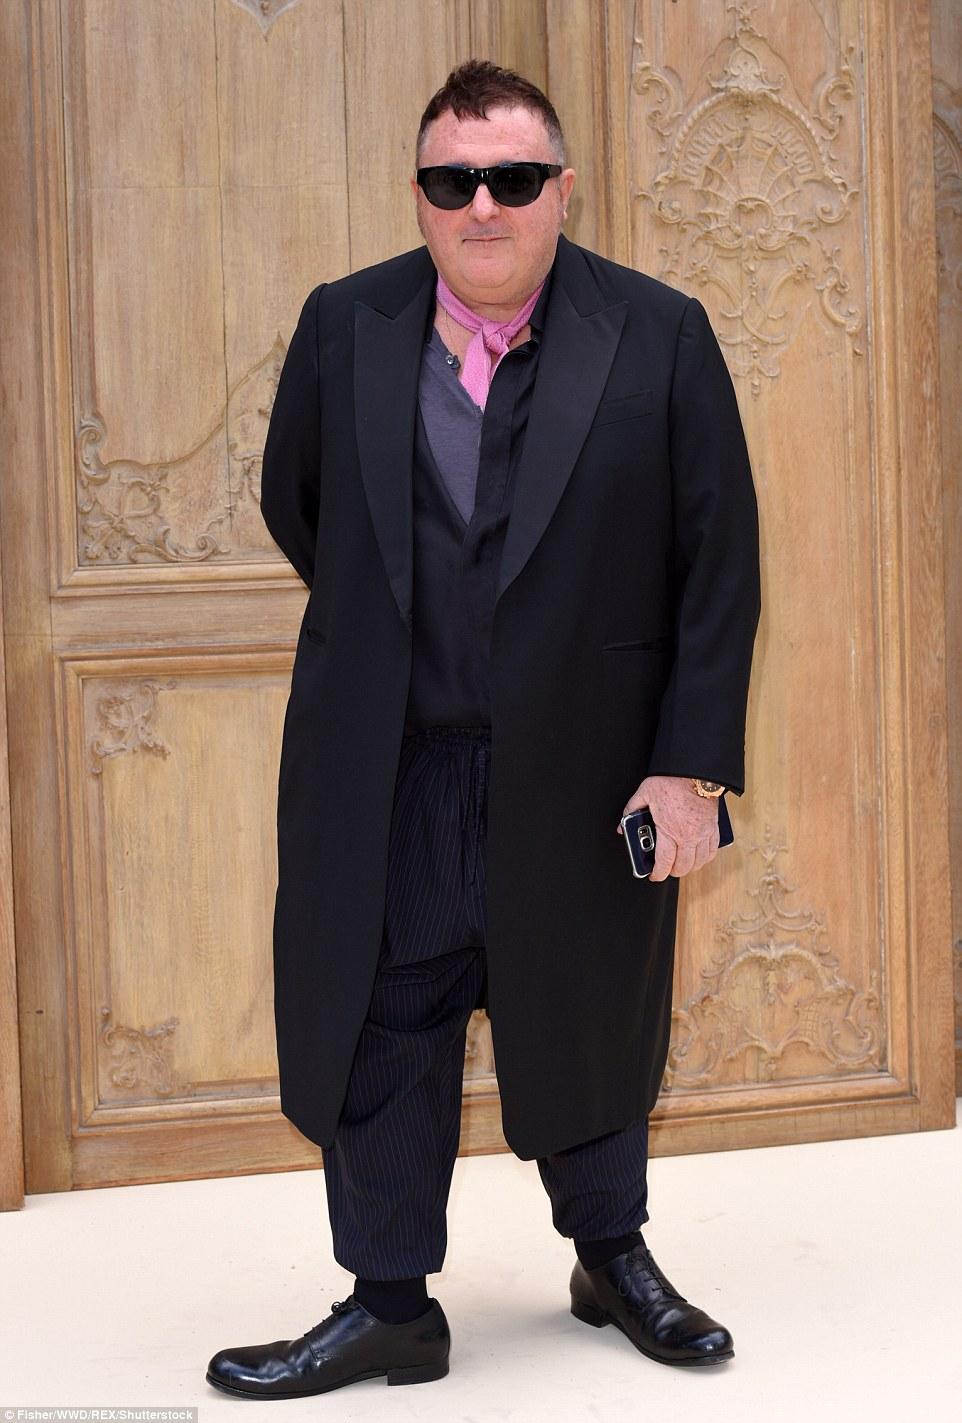 Tres chique: excêntrico ex-designer Lanvin Alber Elbaz usava seu olhar habitual com culottes risca de giz e um casaco duster